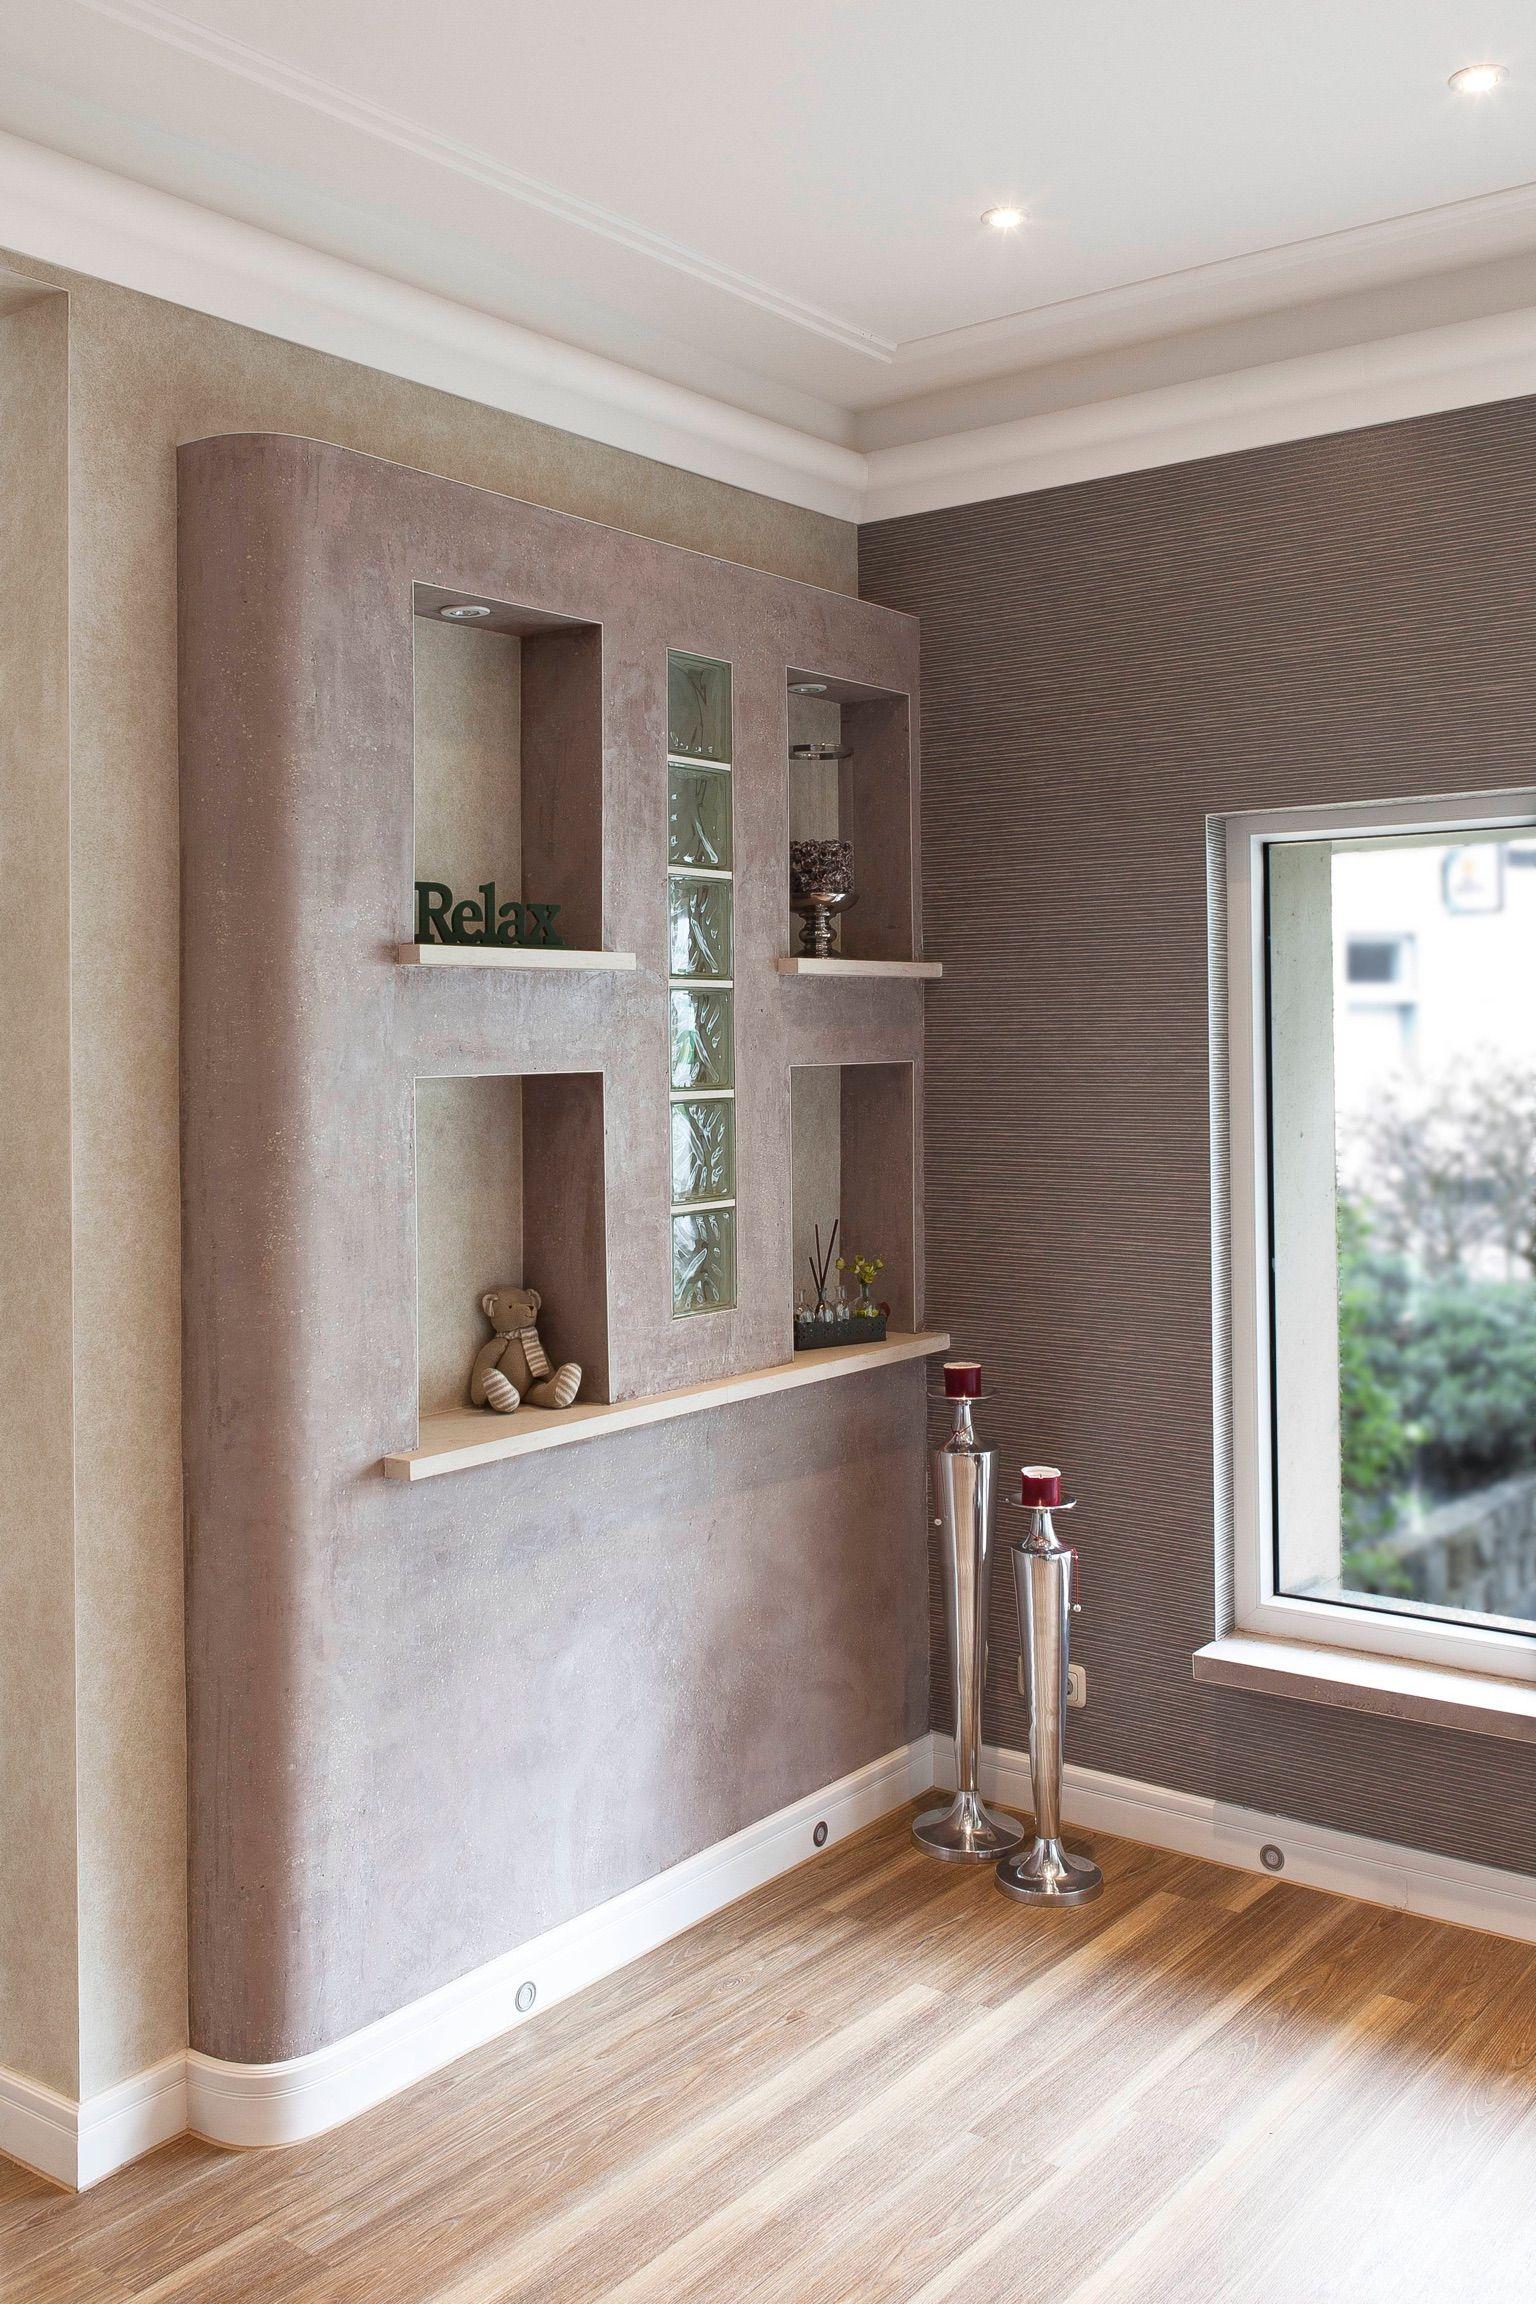 gestaltung eines ausstellungsraums zierprofilleisten mit indirekter beleuchtung von orac decor. Black Bedroom Furniture Sets. Home Design Ideas